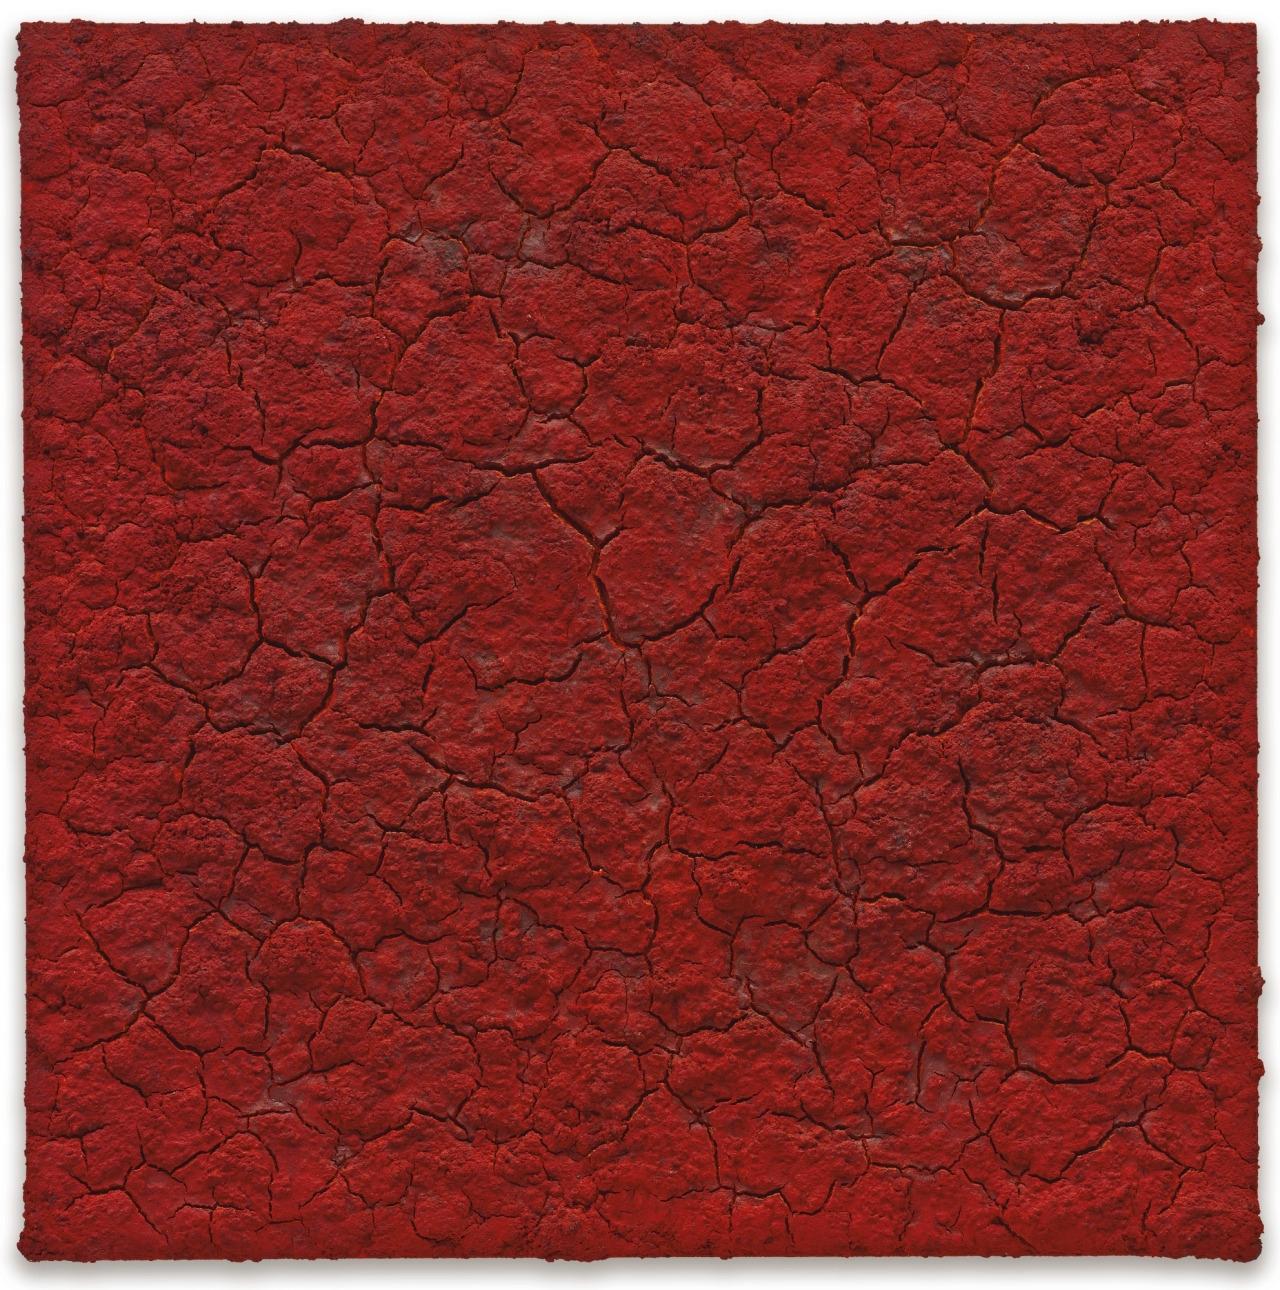 Bosco Sodi (Mexican, 1970), Unt - modernism_is_crap | ello